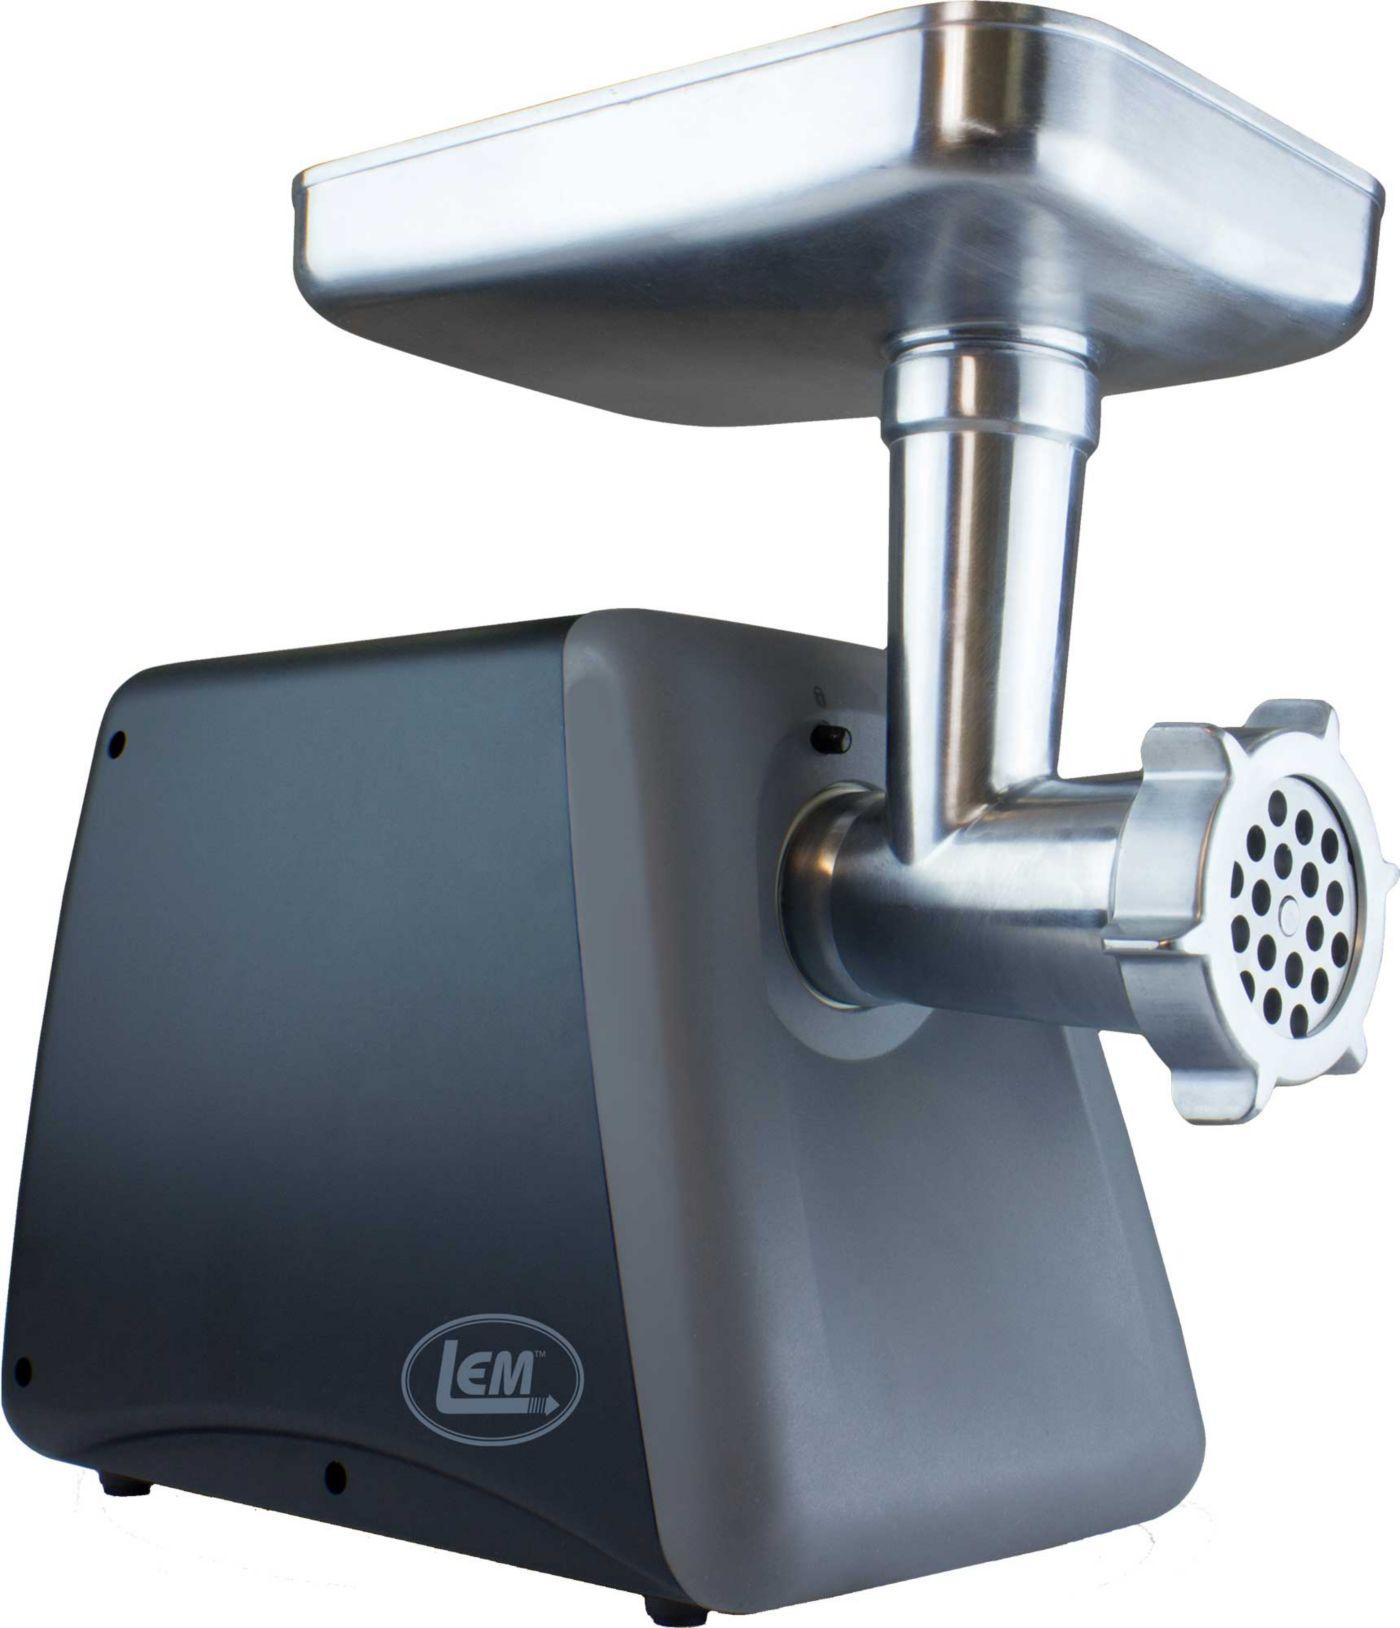 LEM 575 Watt Aluminum Countertop Grinder